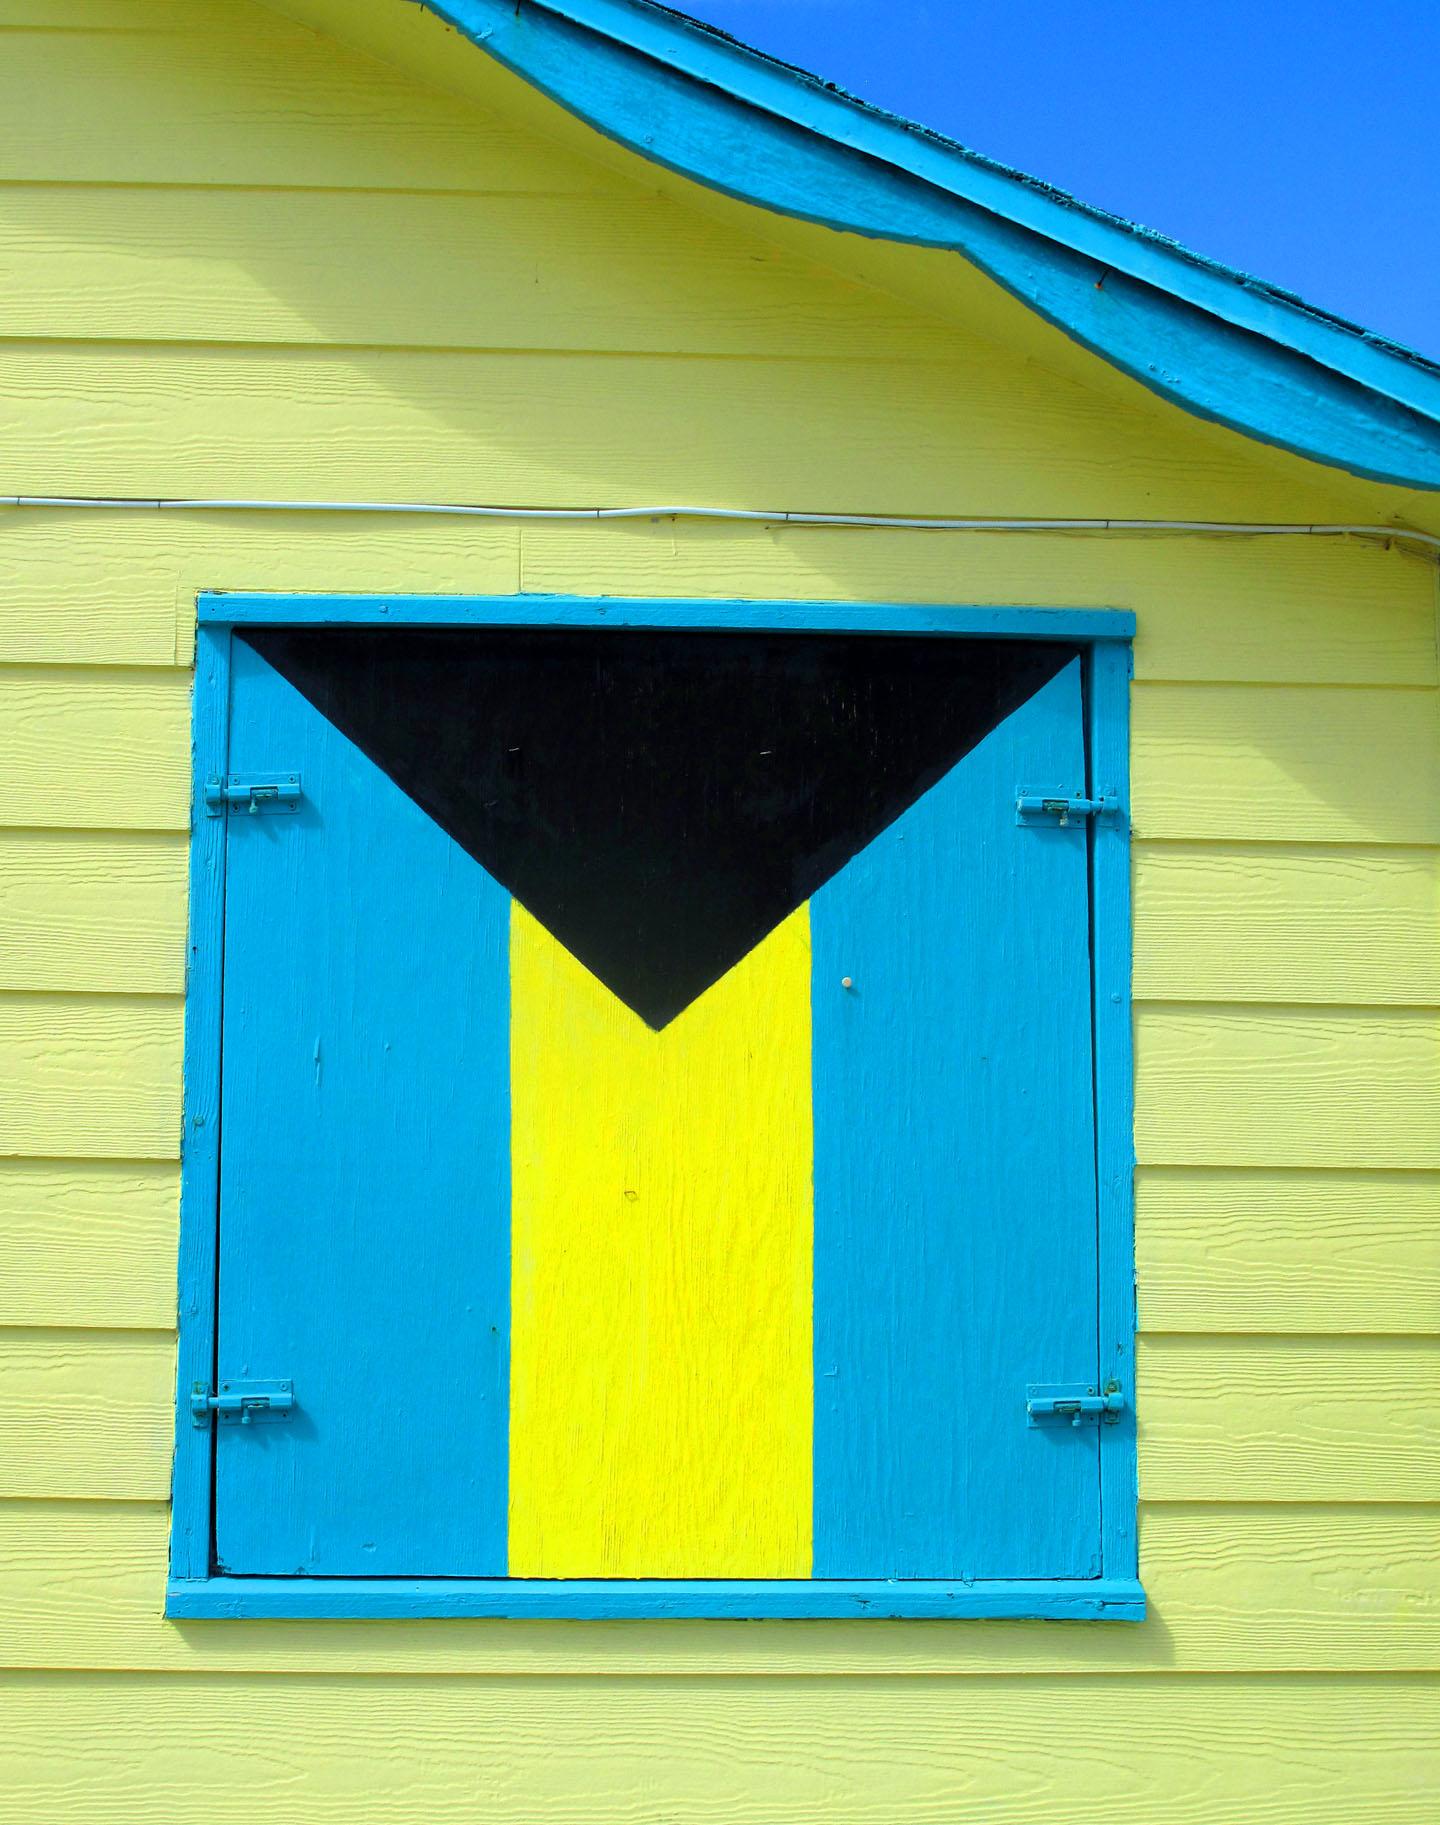 bahamas, bahamian flag, abaco, green turtle cay